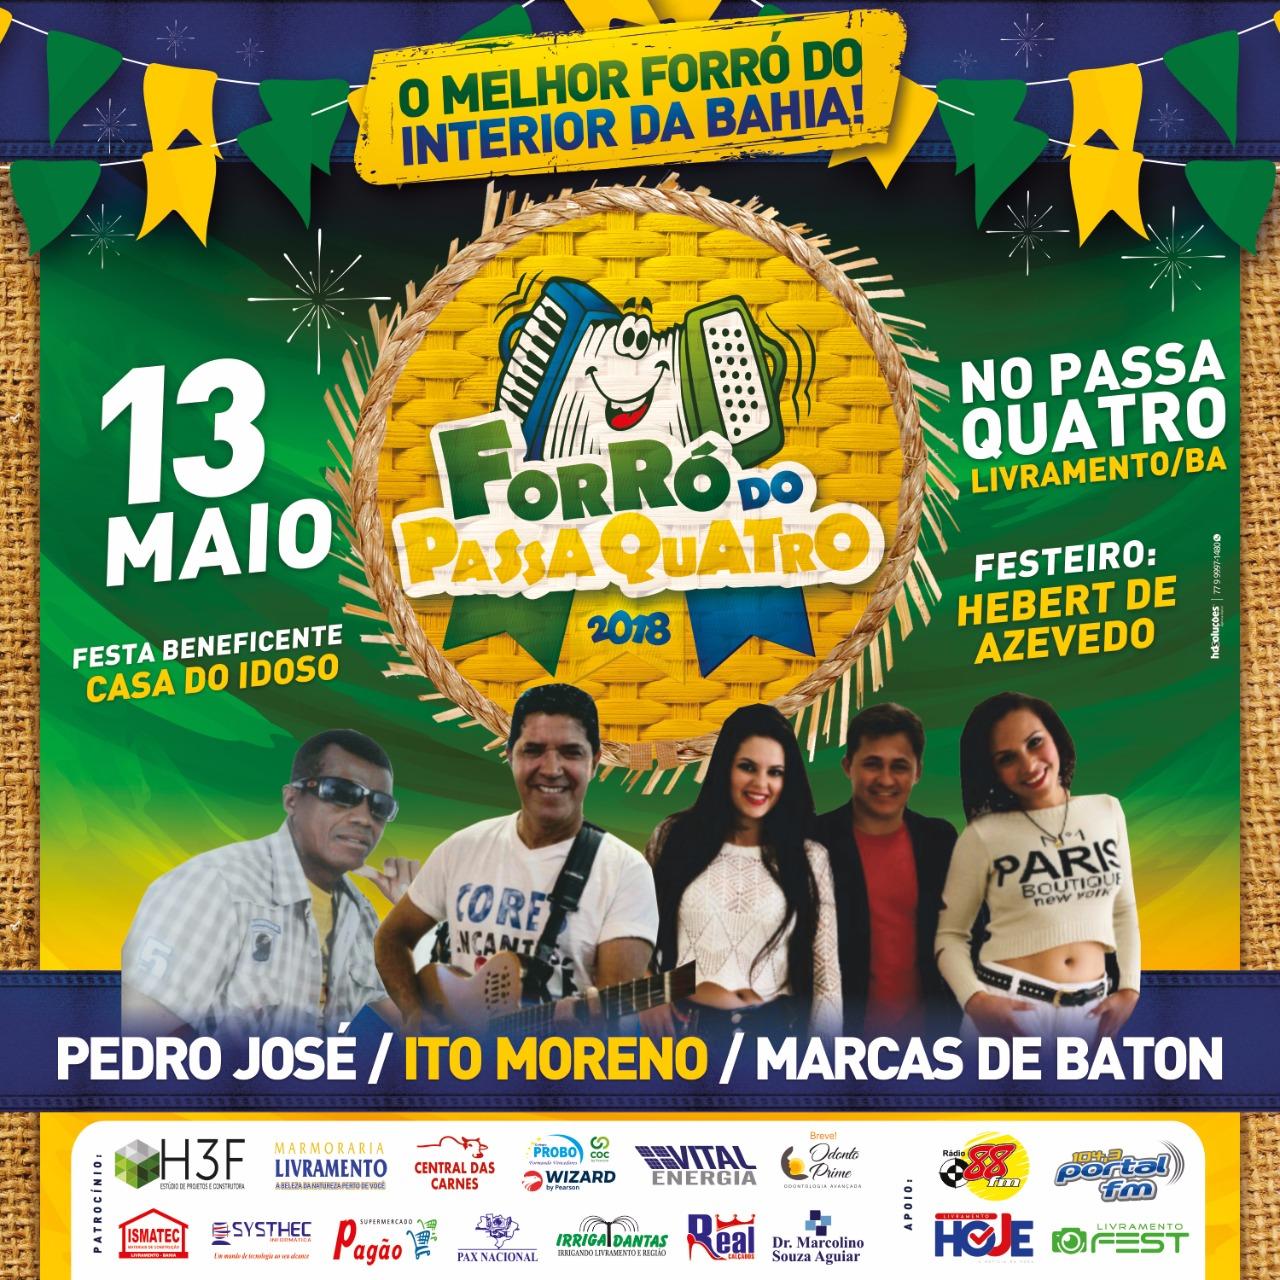 Pedro José, Ito Moreno e Marcas de Batom irão animar o Dia das Mães neste domingo no Passa Quatro